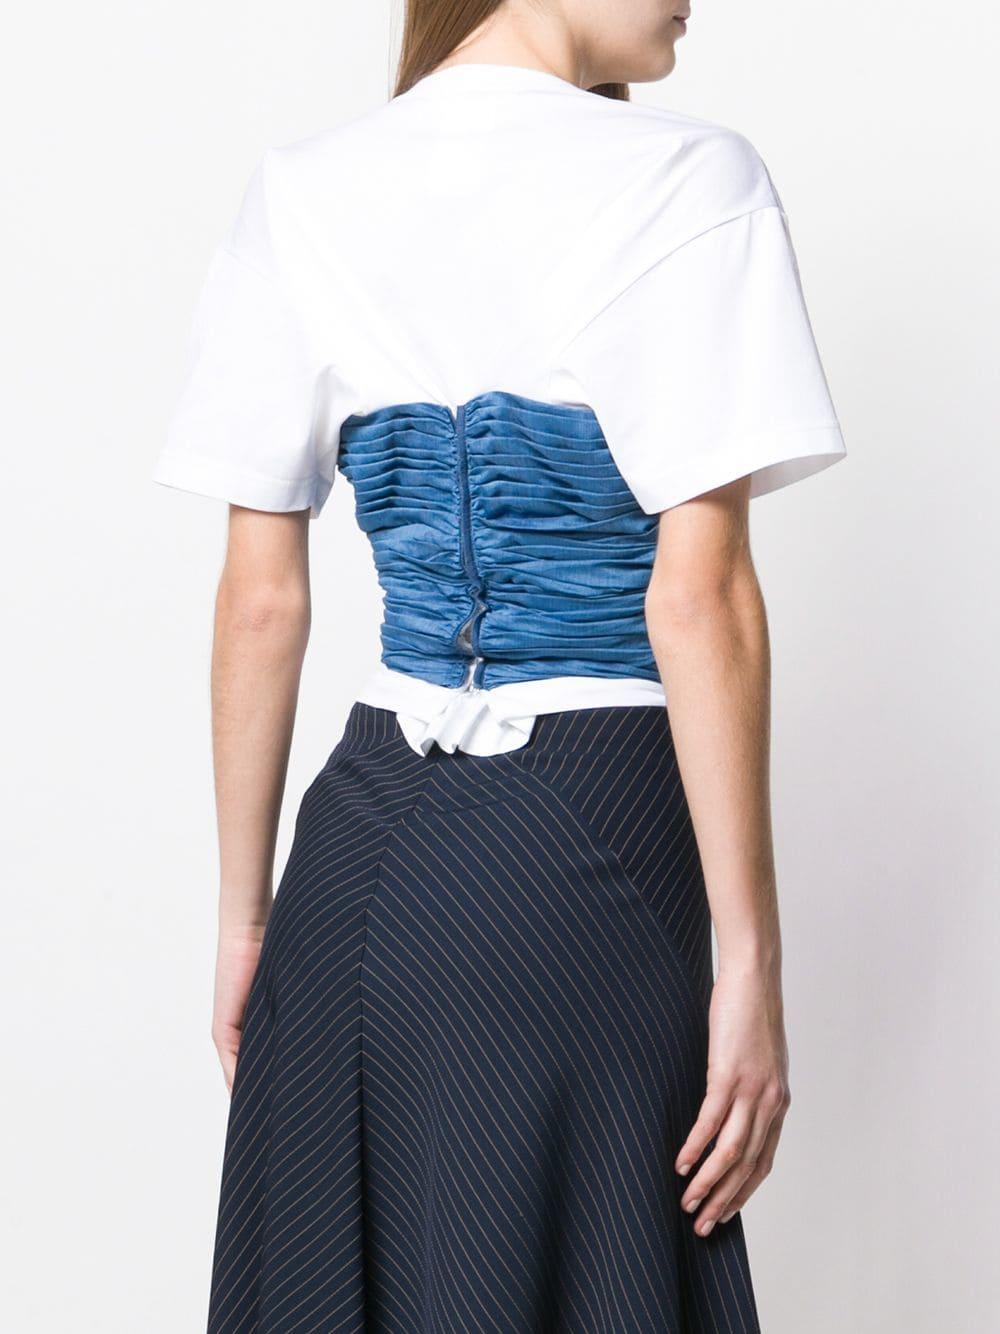 Camiseta con detalle fruncido en contraste Junya Watanabe de Algodón de color Blanco